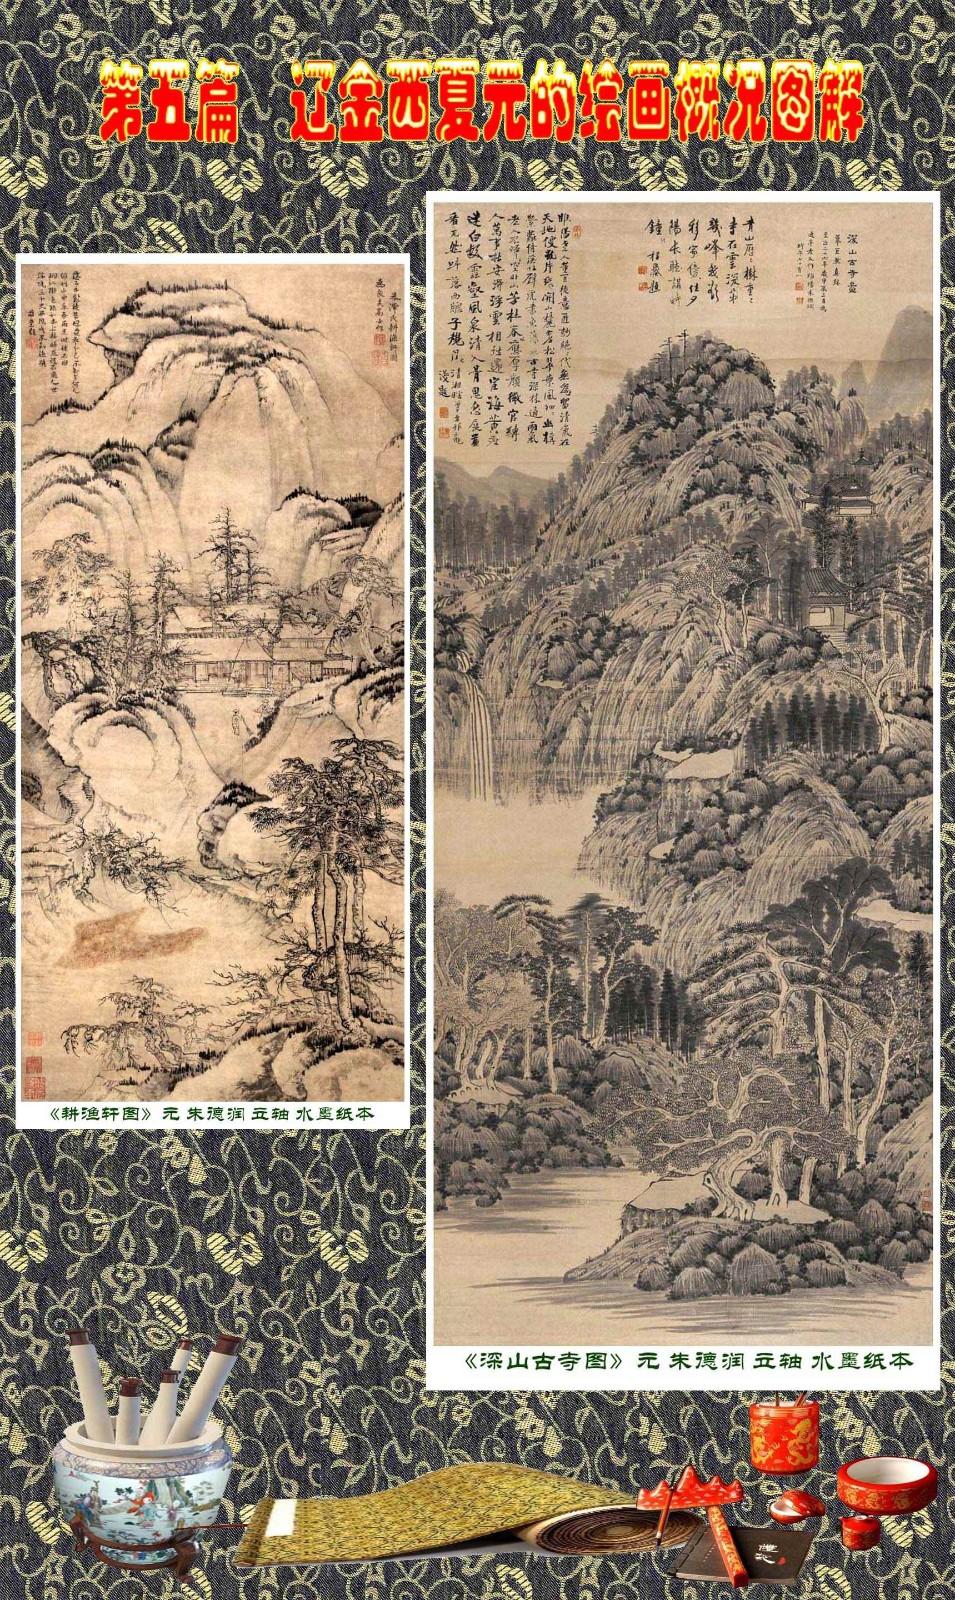 顾绍骅编辑 中国画知识普及版 第五篇 辽金西夏元的绘画概况 下 ... ..._图1-28